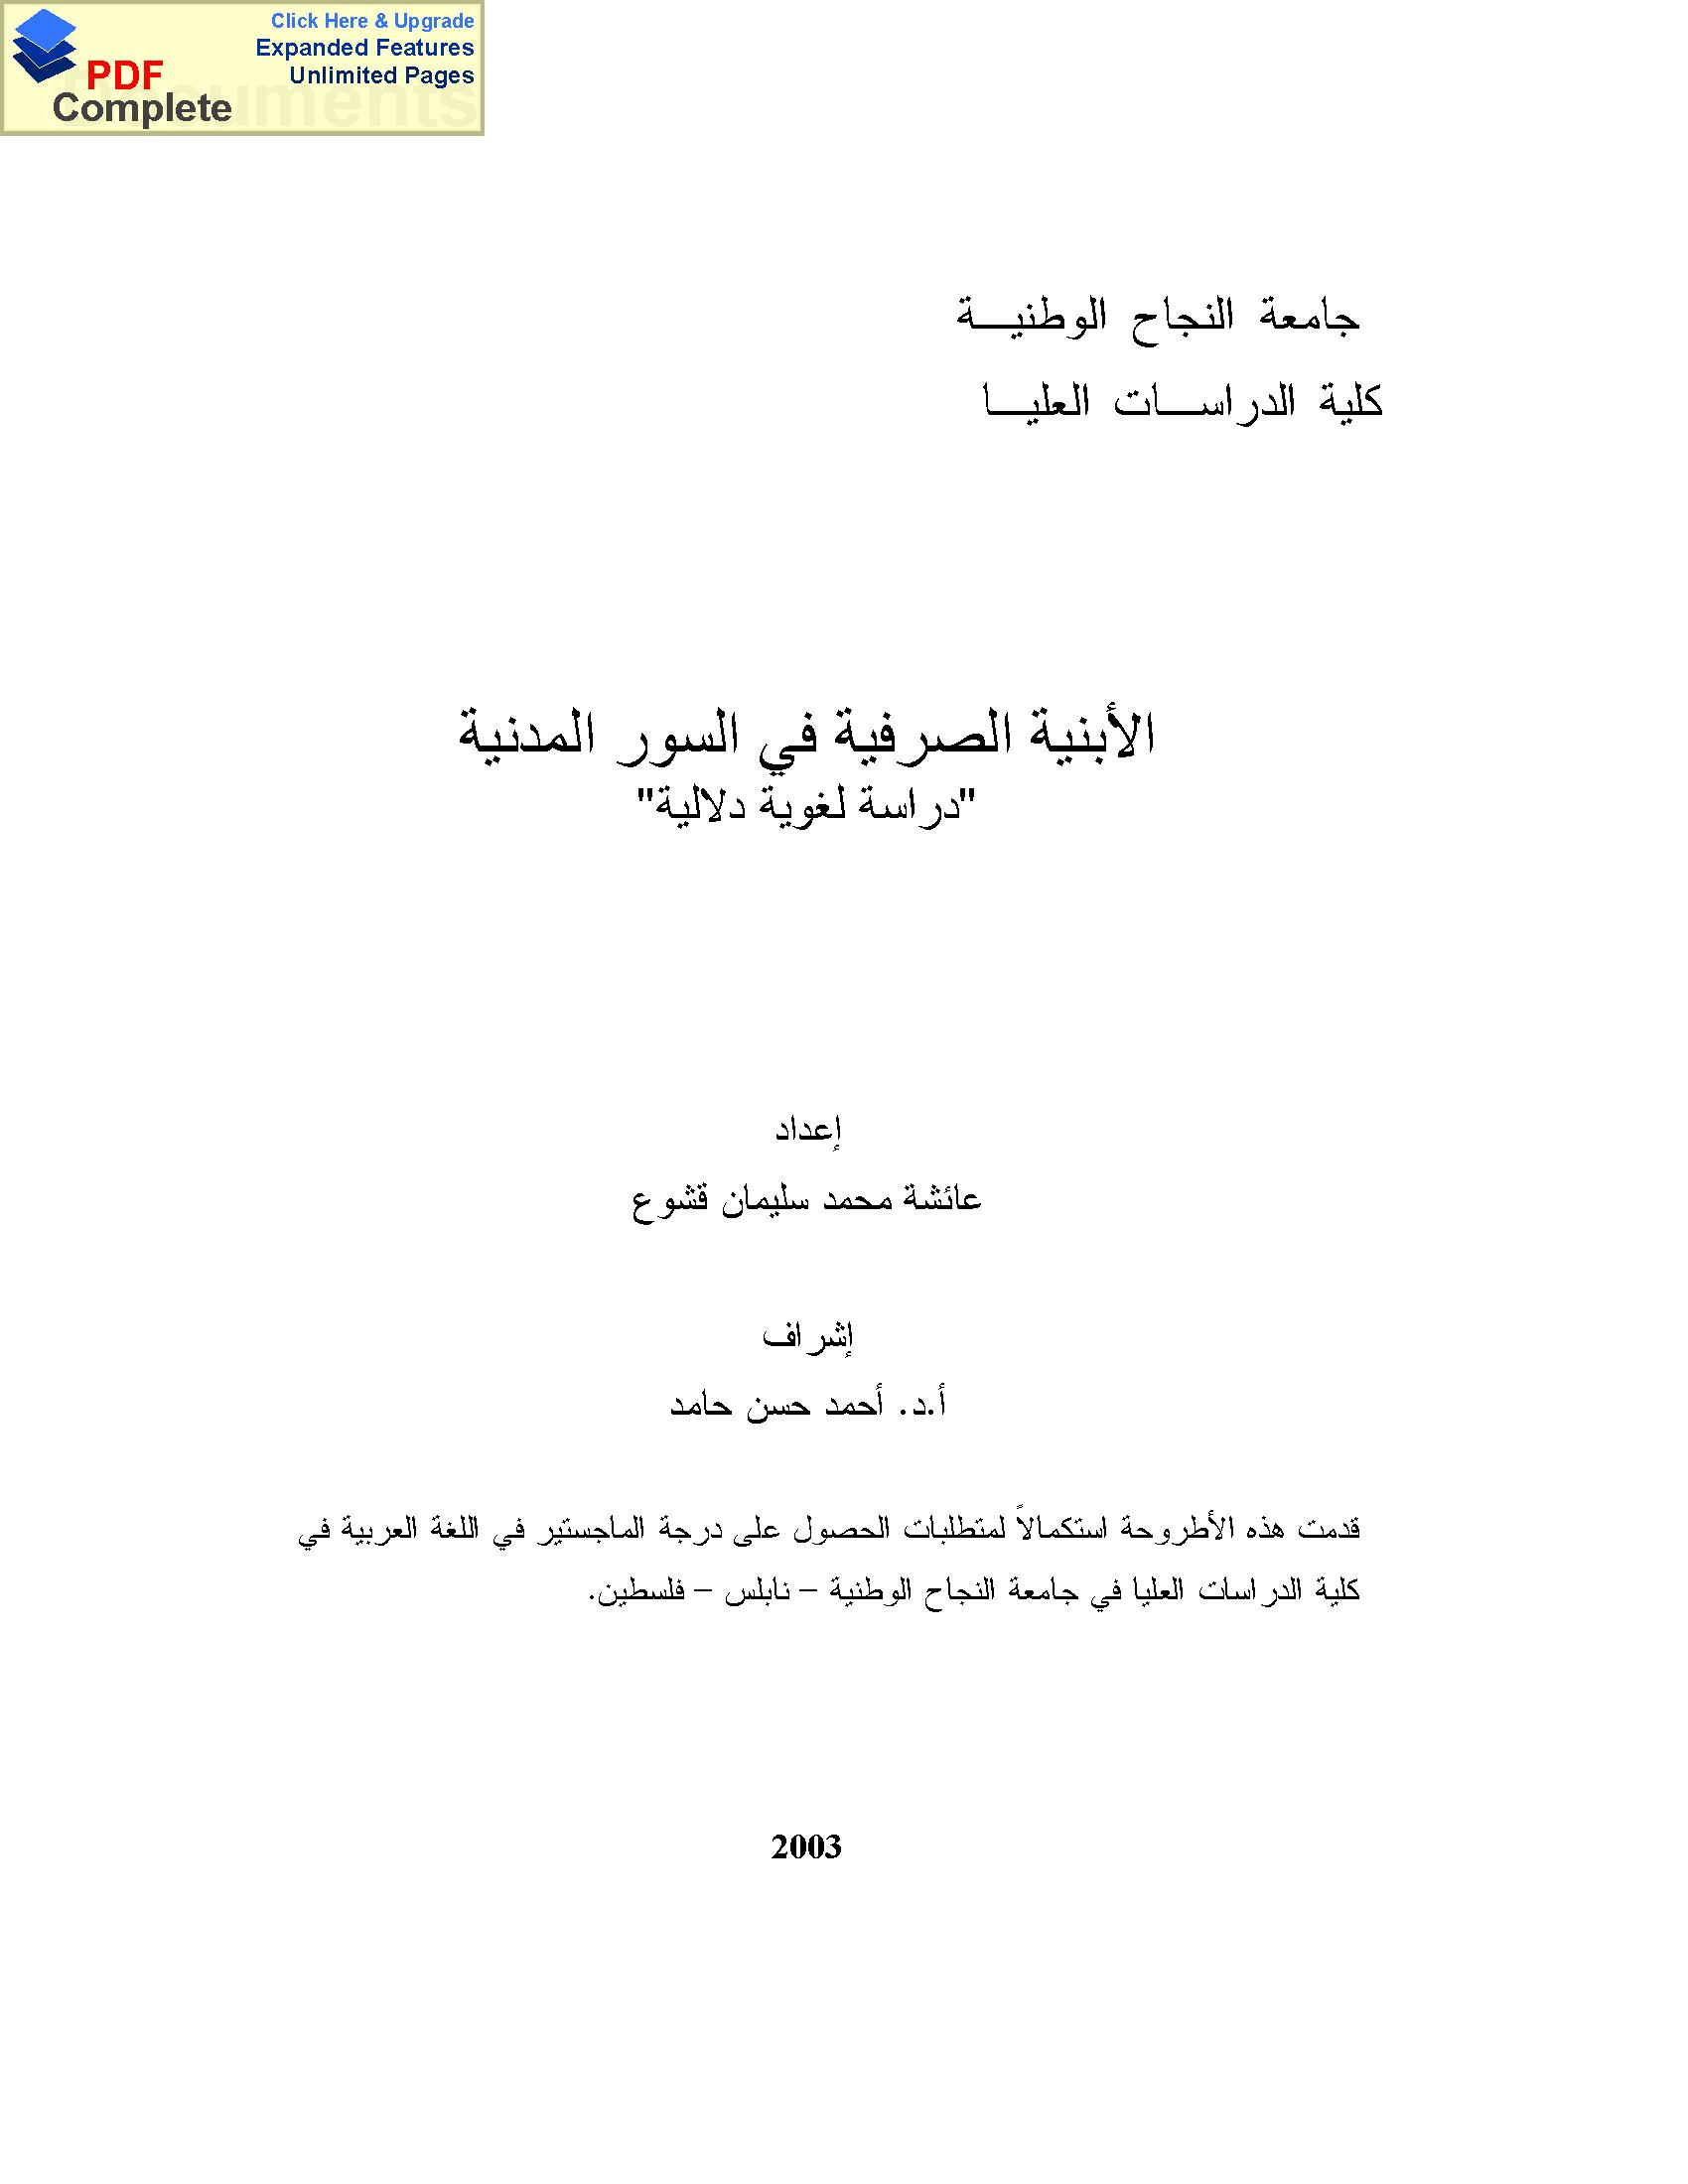 تحميل كتاب الأبنية الصرفية في السور المدنية (دراسة لغوية دلالية) لـِ: عائشة محمد سليمان قشوع